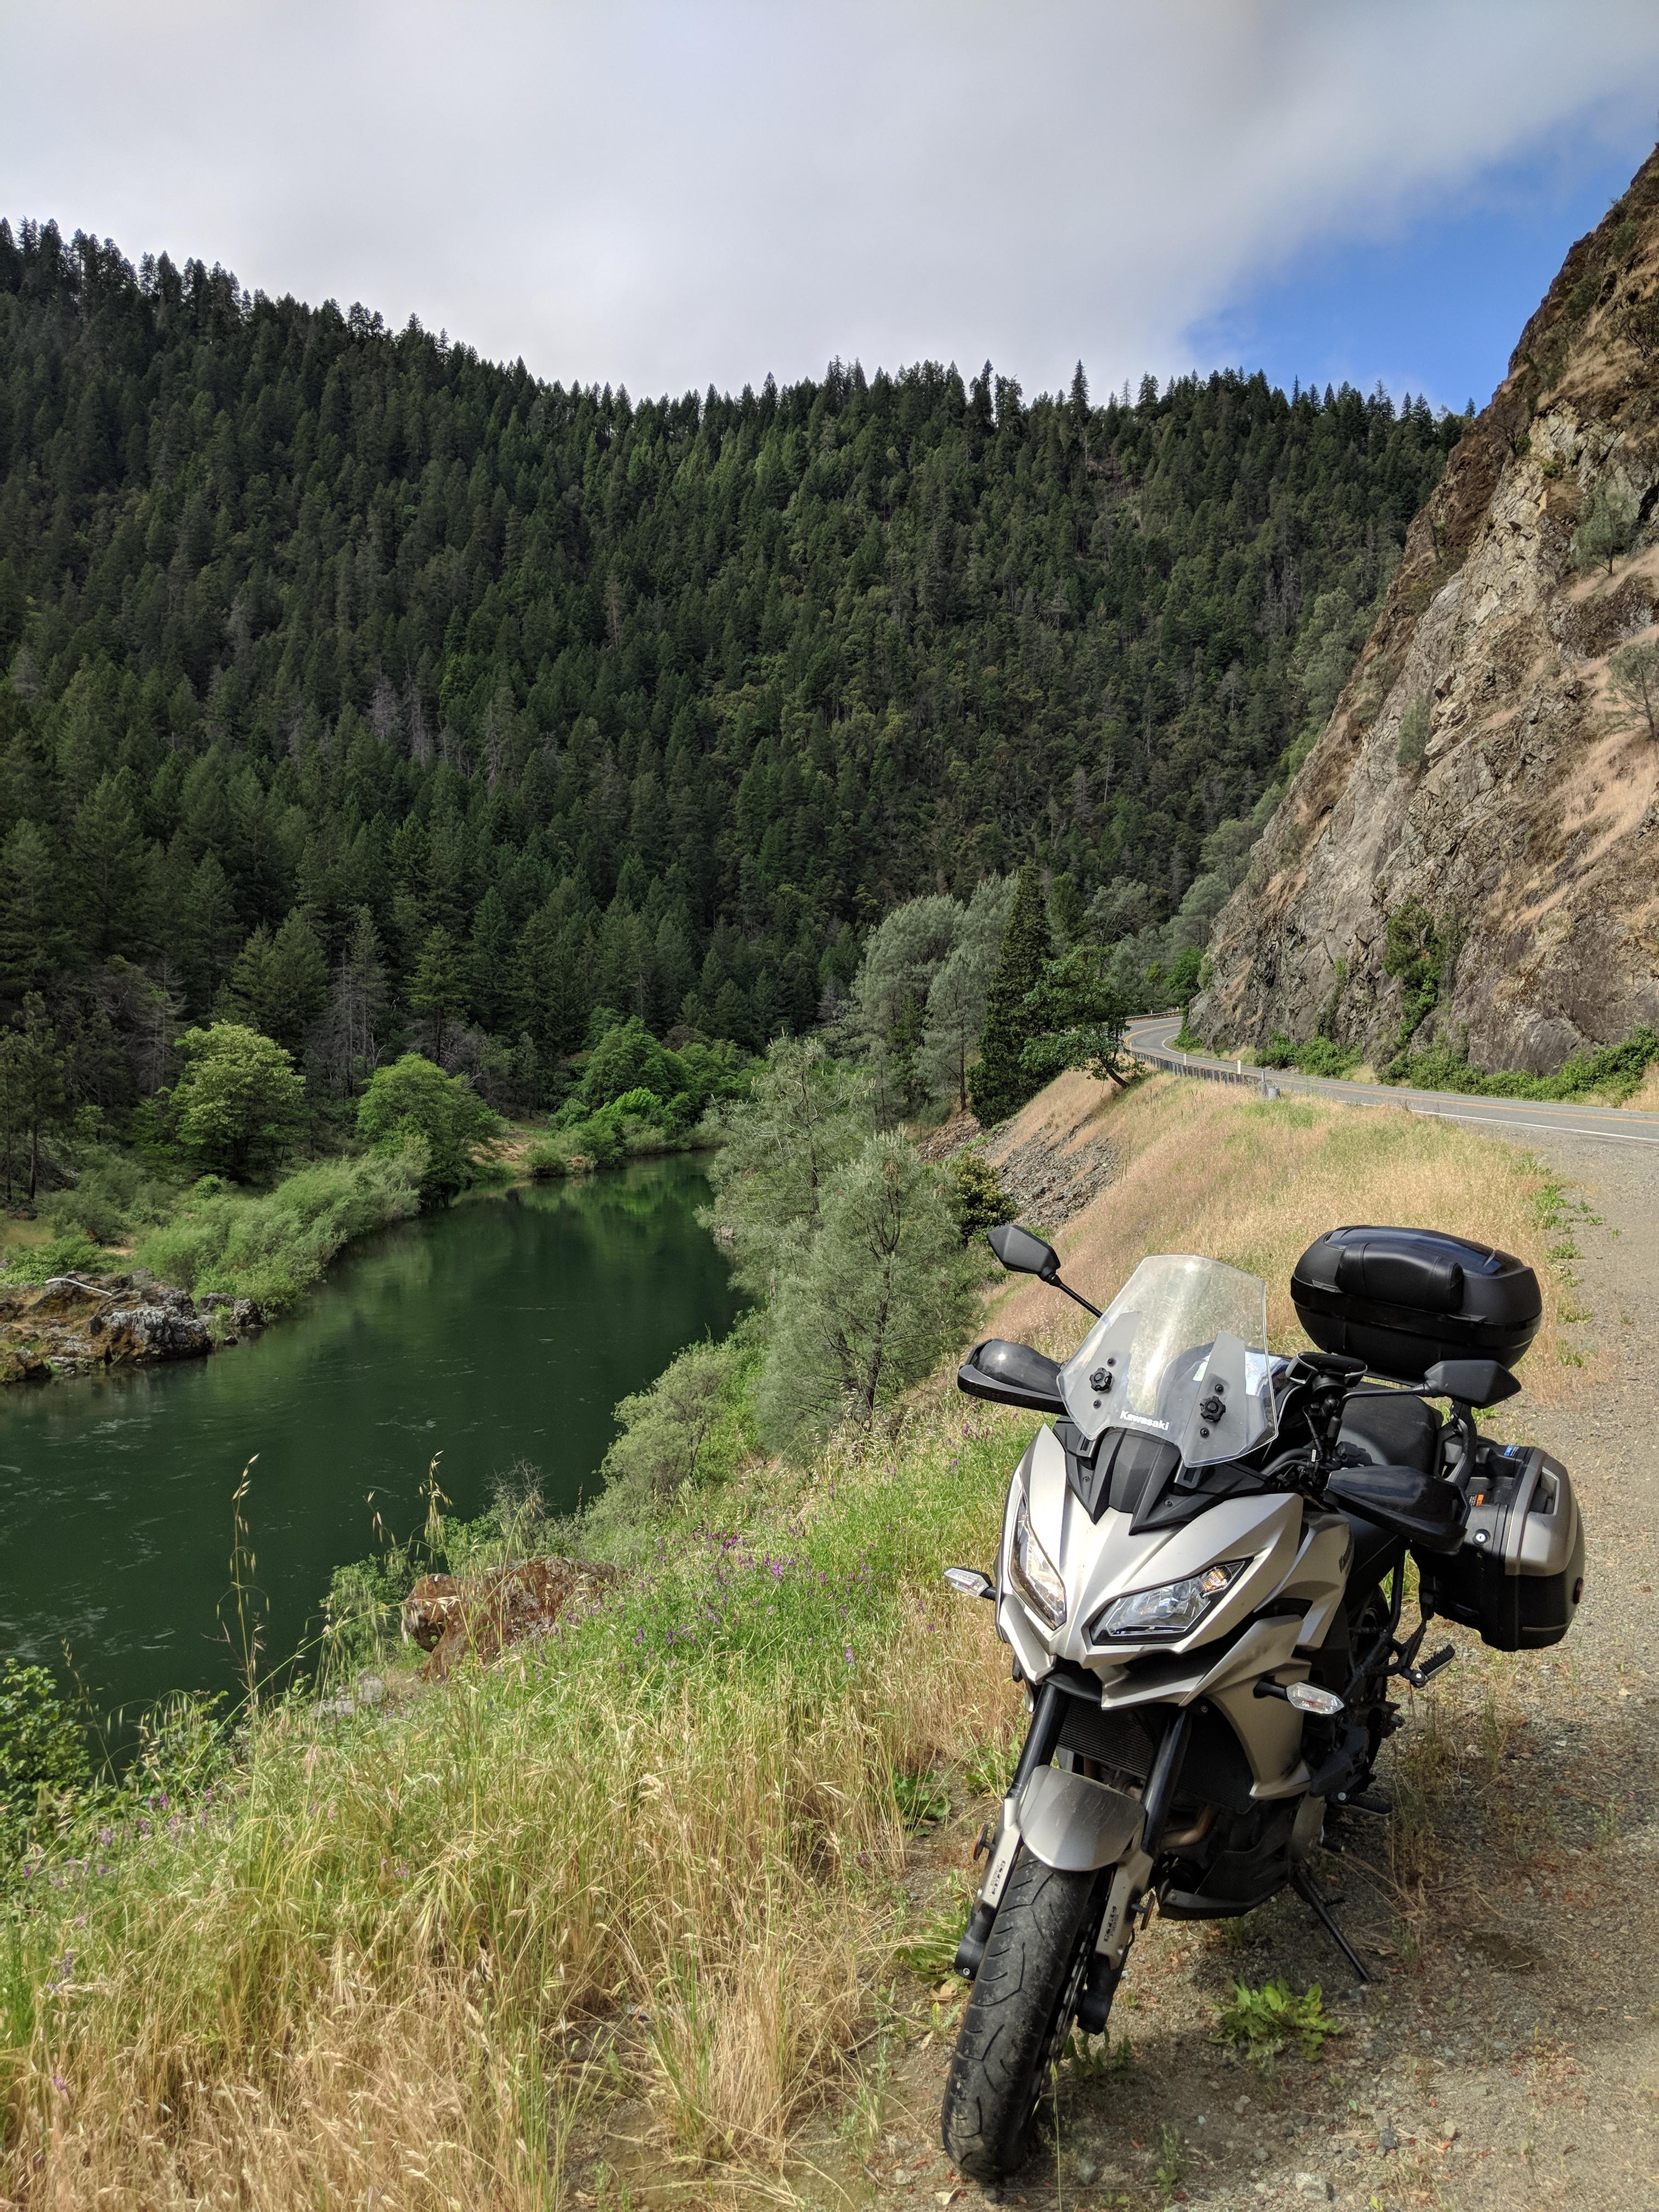 La Road 299 attraversa foreste e vallate completamente disabitate con un susseguirsi di curve per la delizia dei motociclisti che hanno la fortuna di percorrerla.